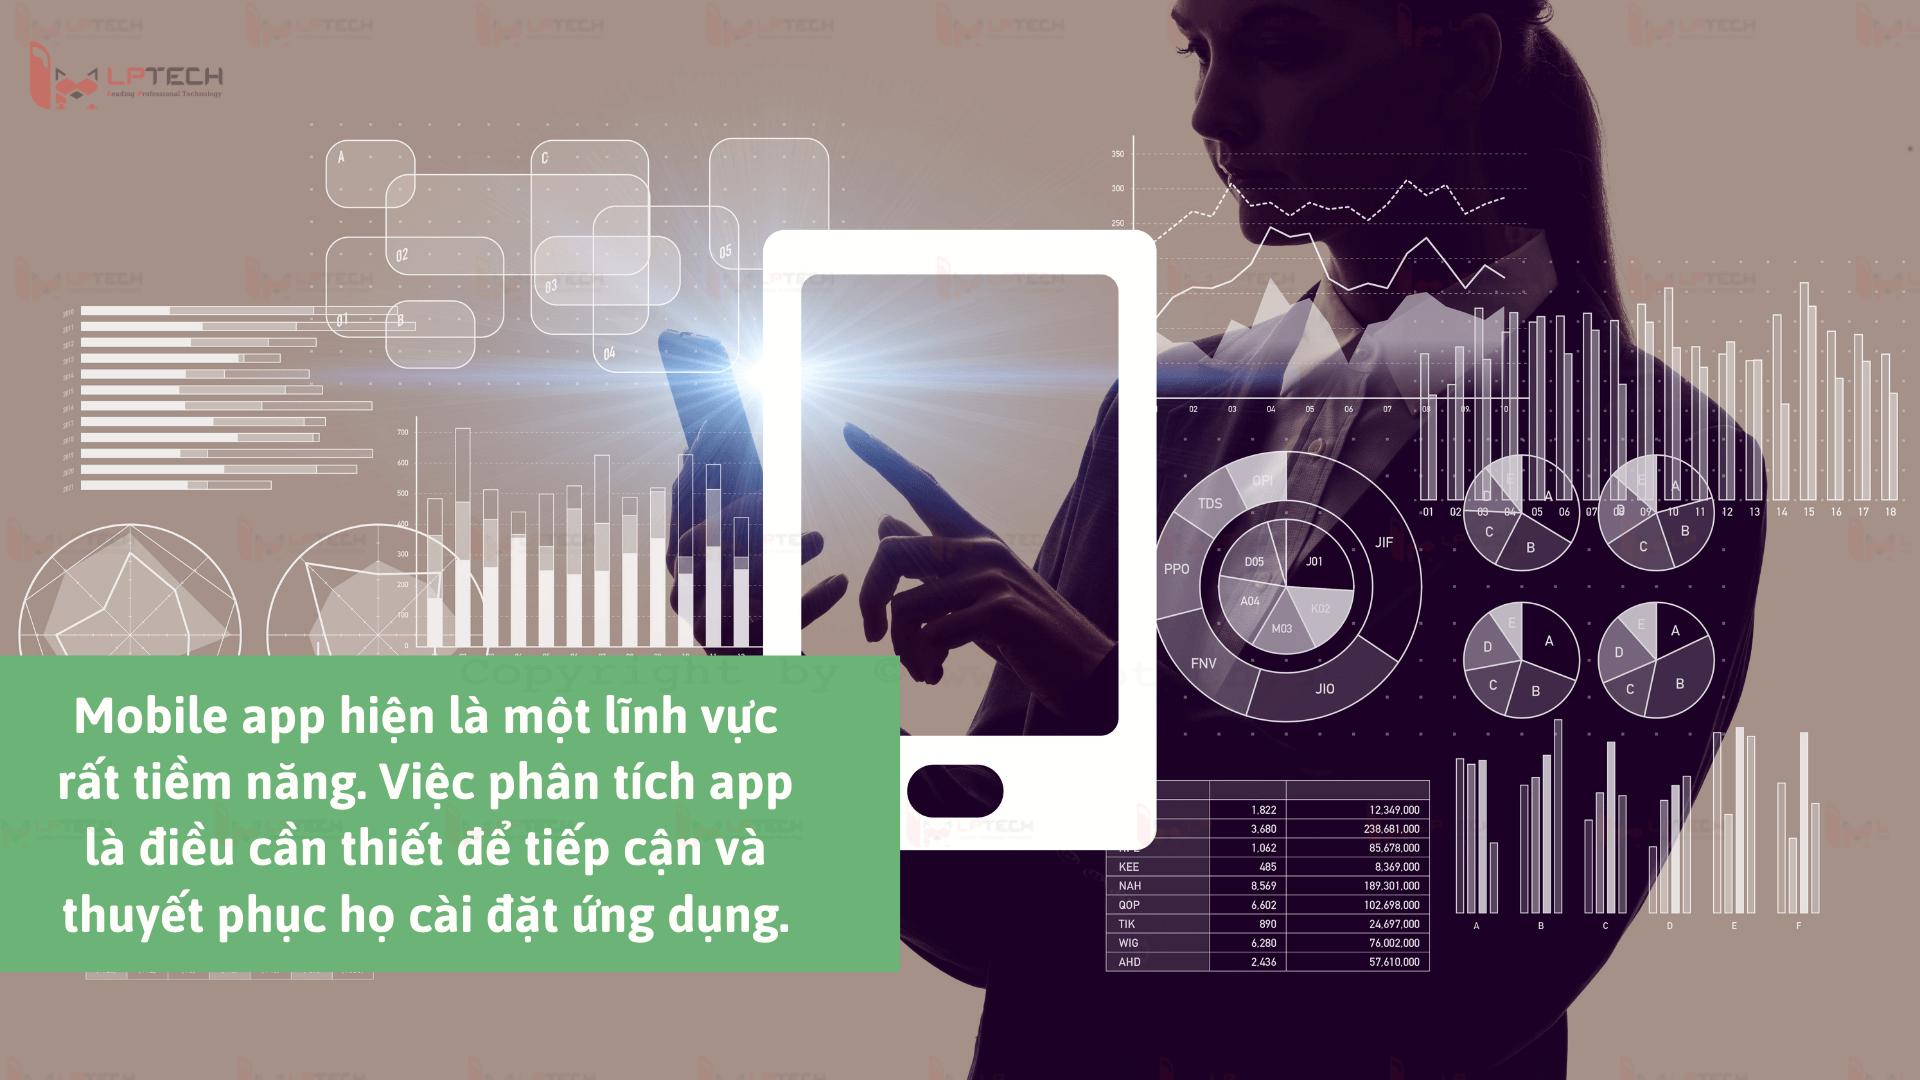 Việc phân tích hành vi khách hàng sử dụng app là điều cần thiết